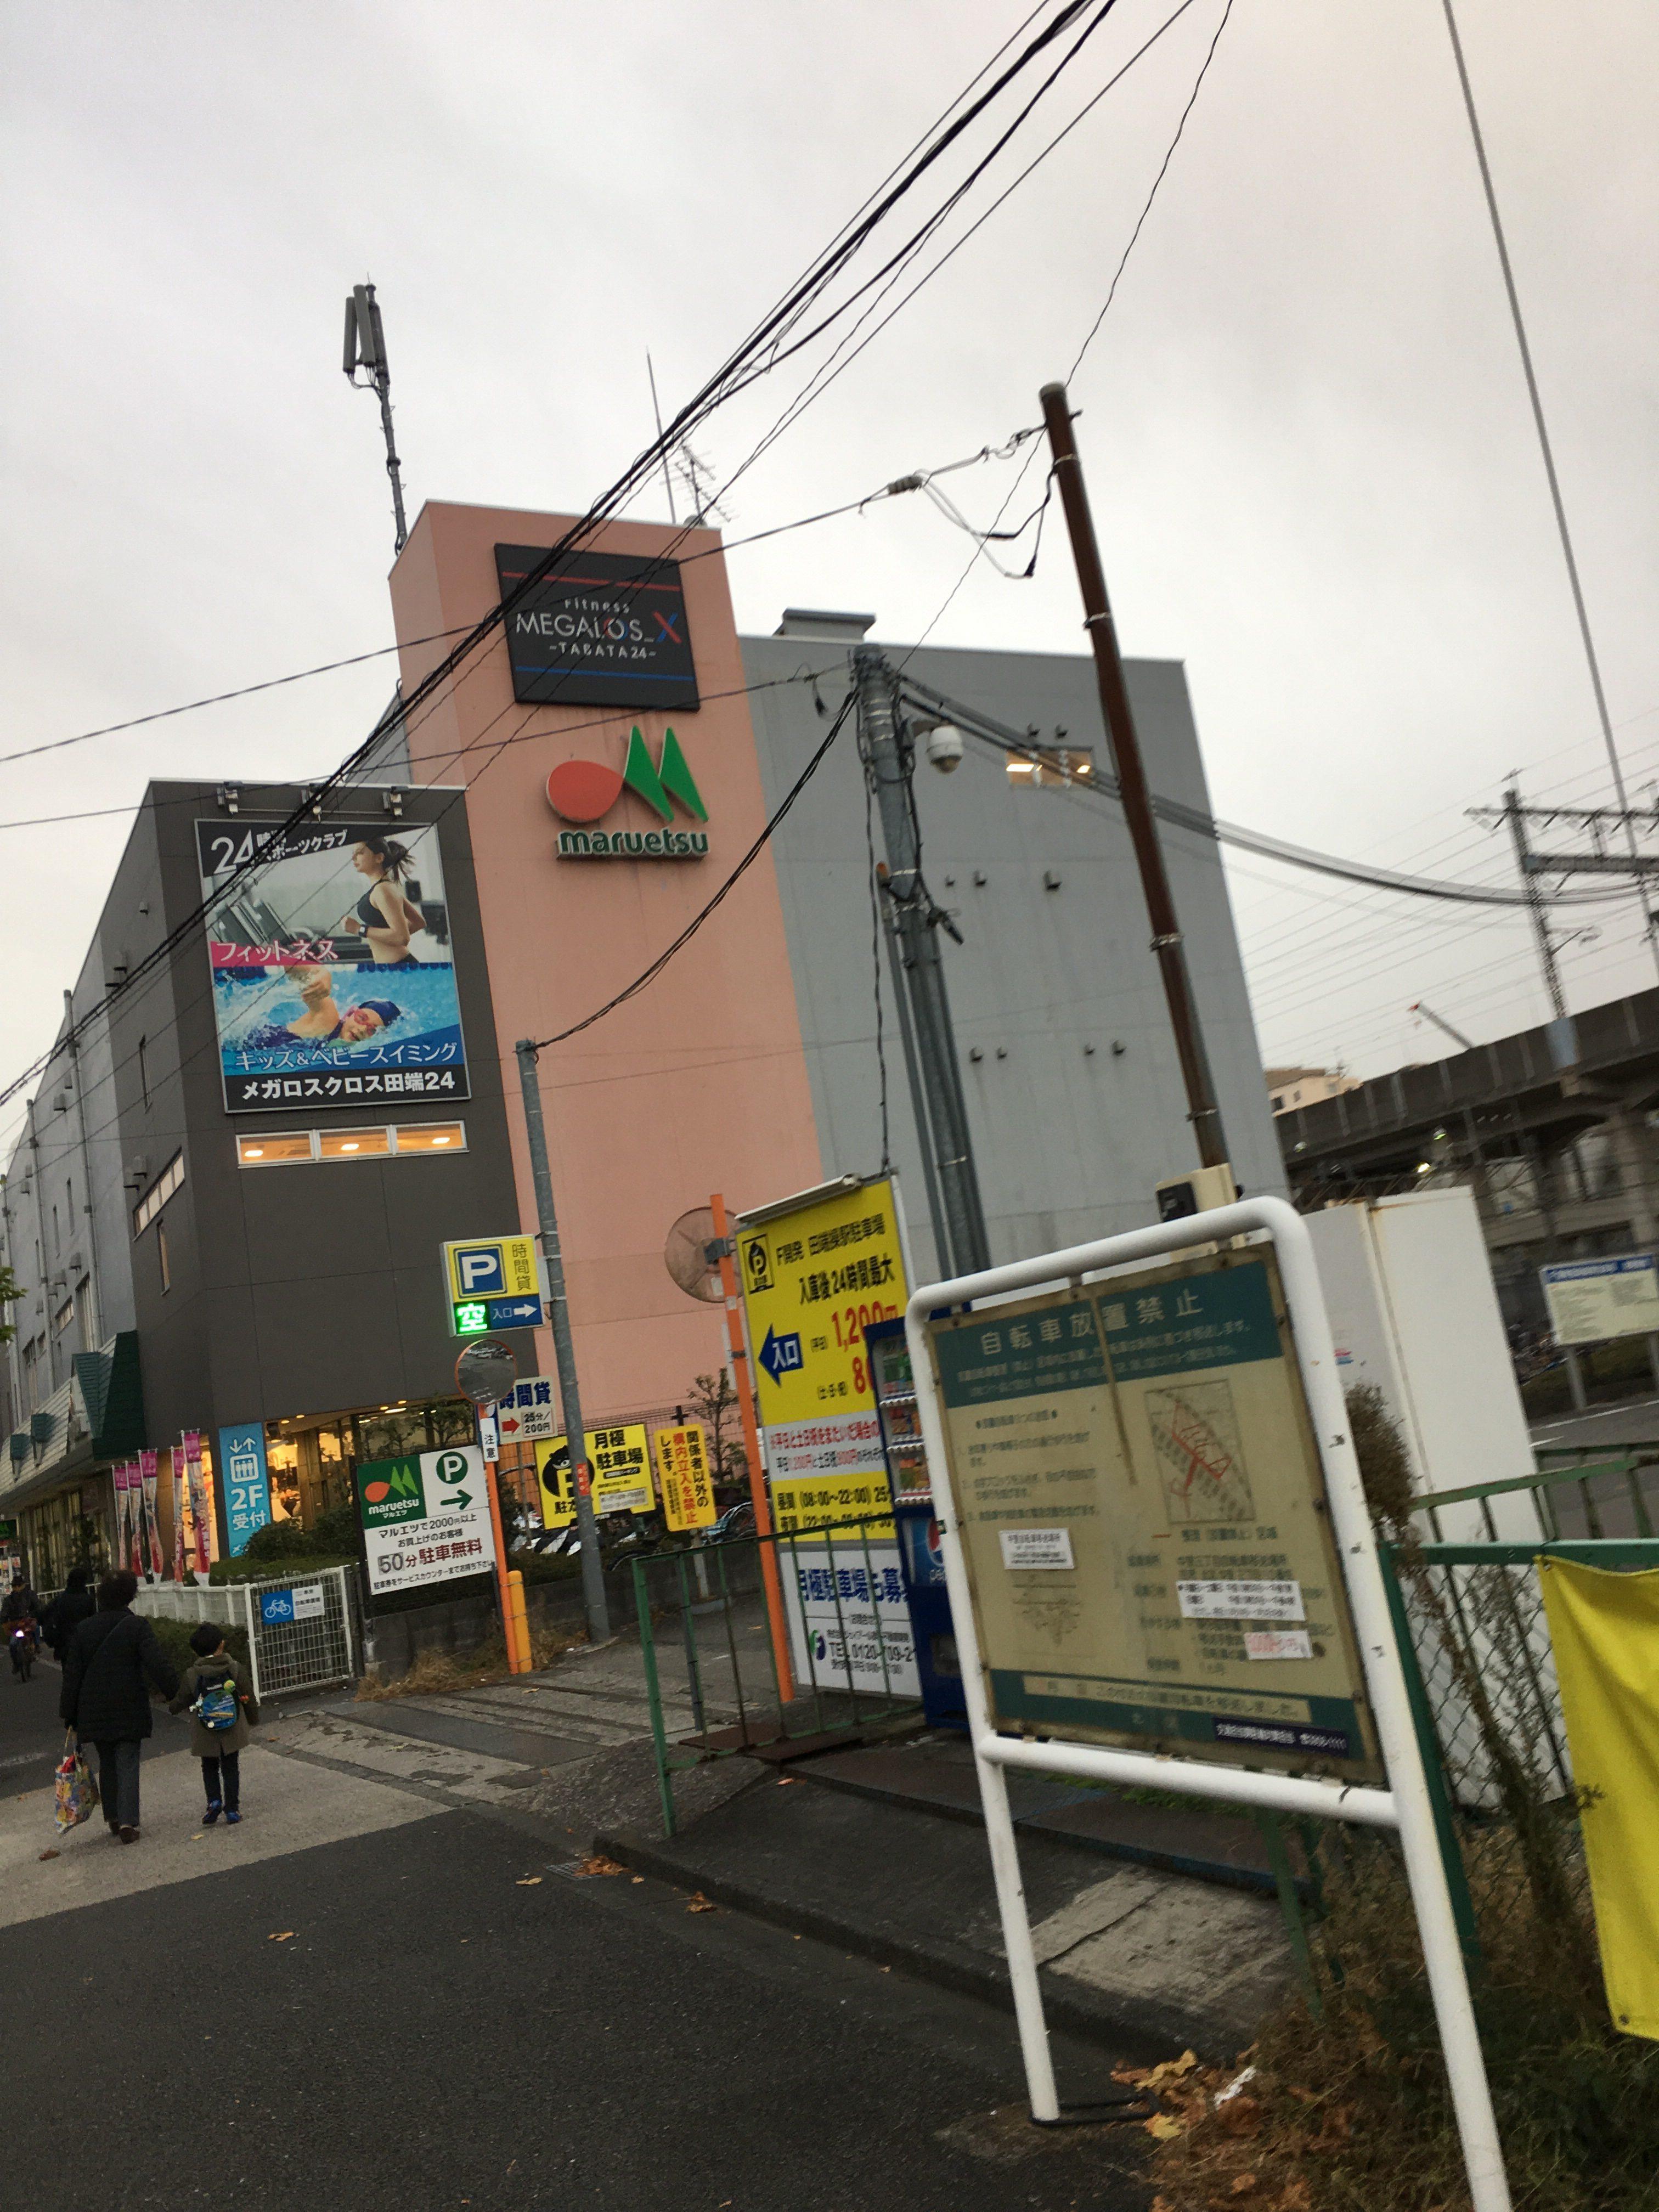 田端 メガロス 会員ページ メガロス田端店 スポーツクラブ・スポーツジムならメガロス